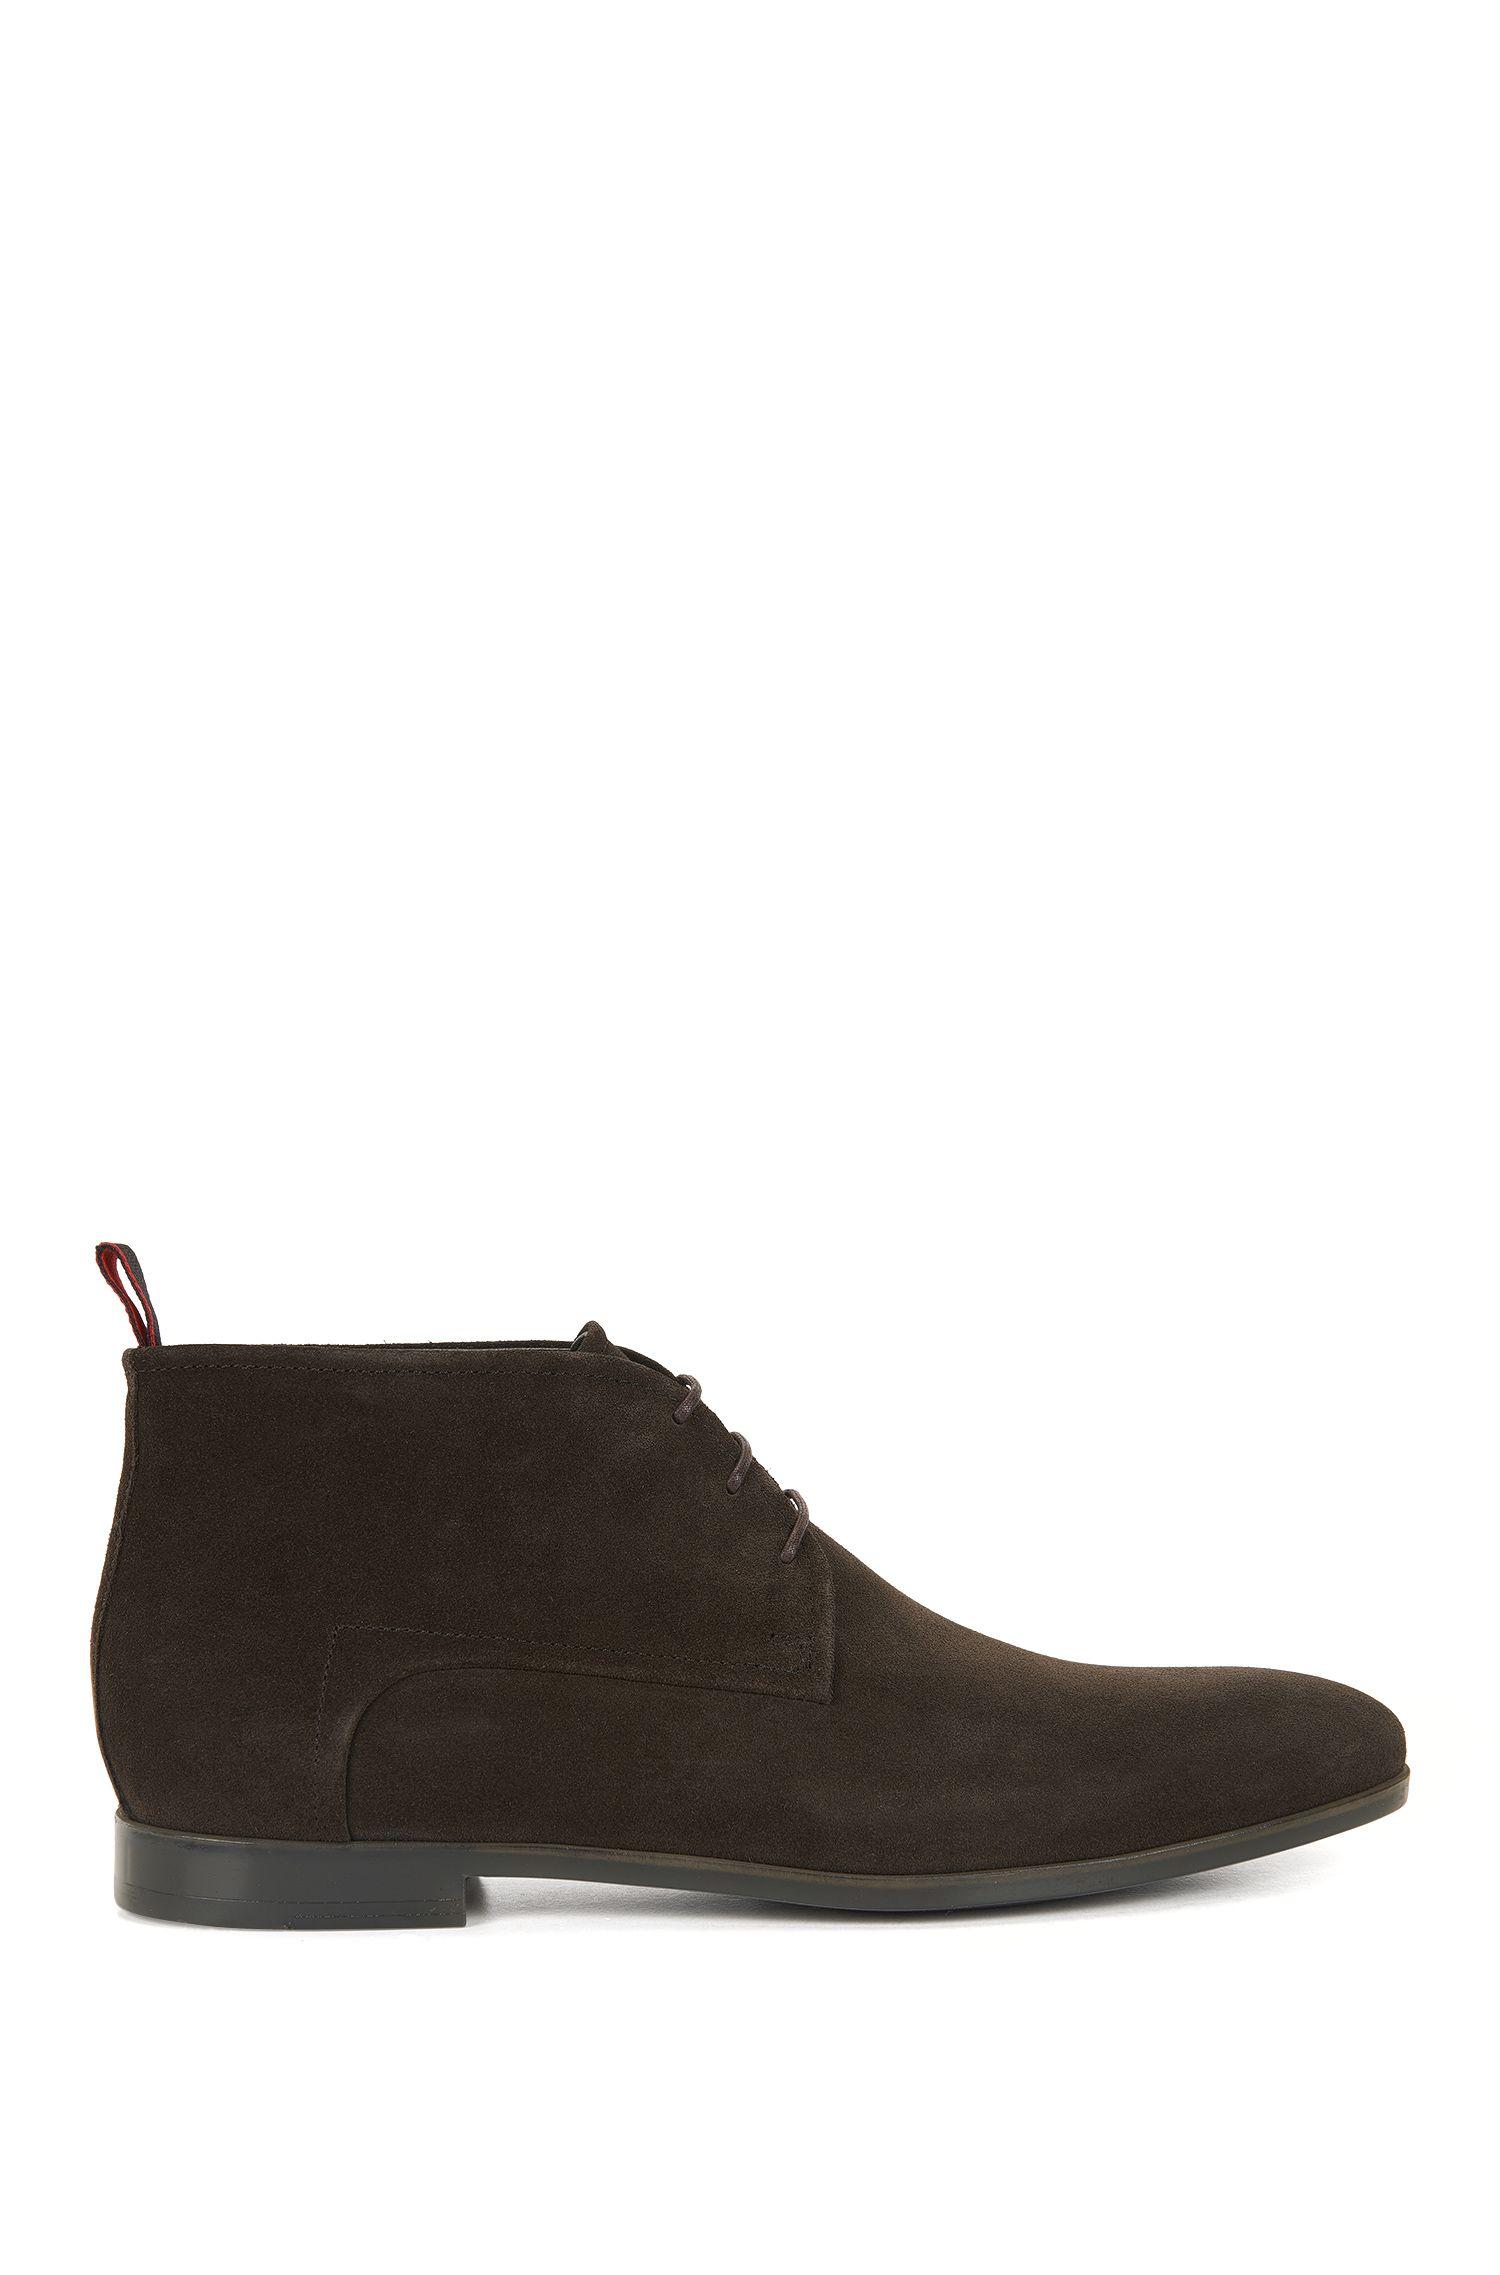 Desert boots en daim, doublées de cuir